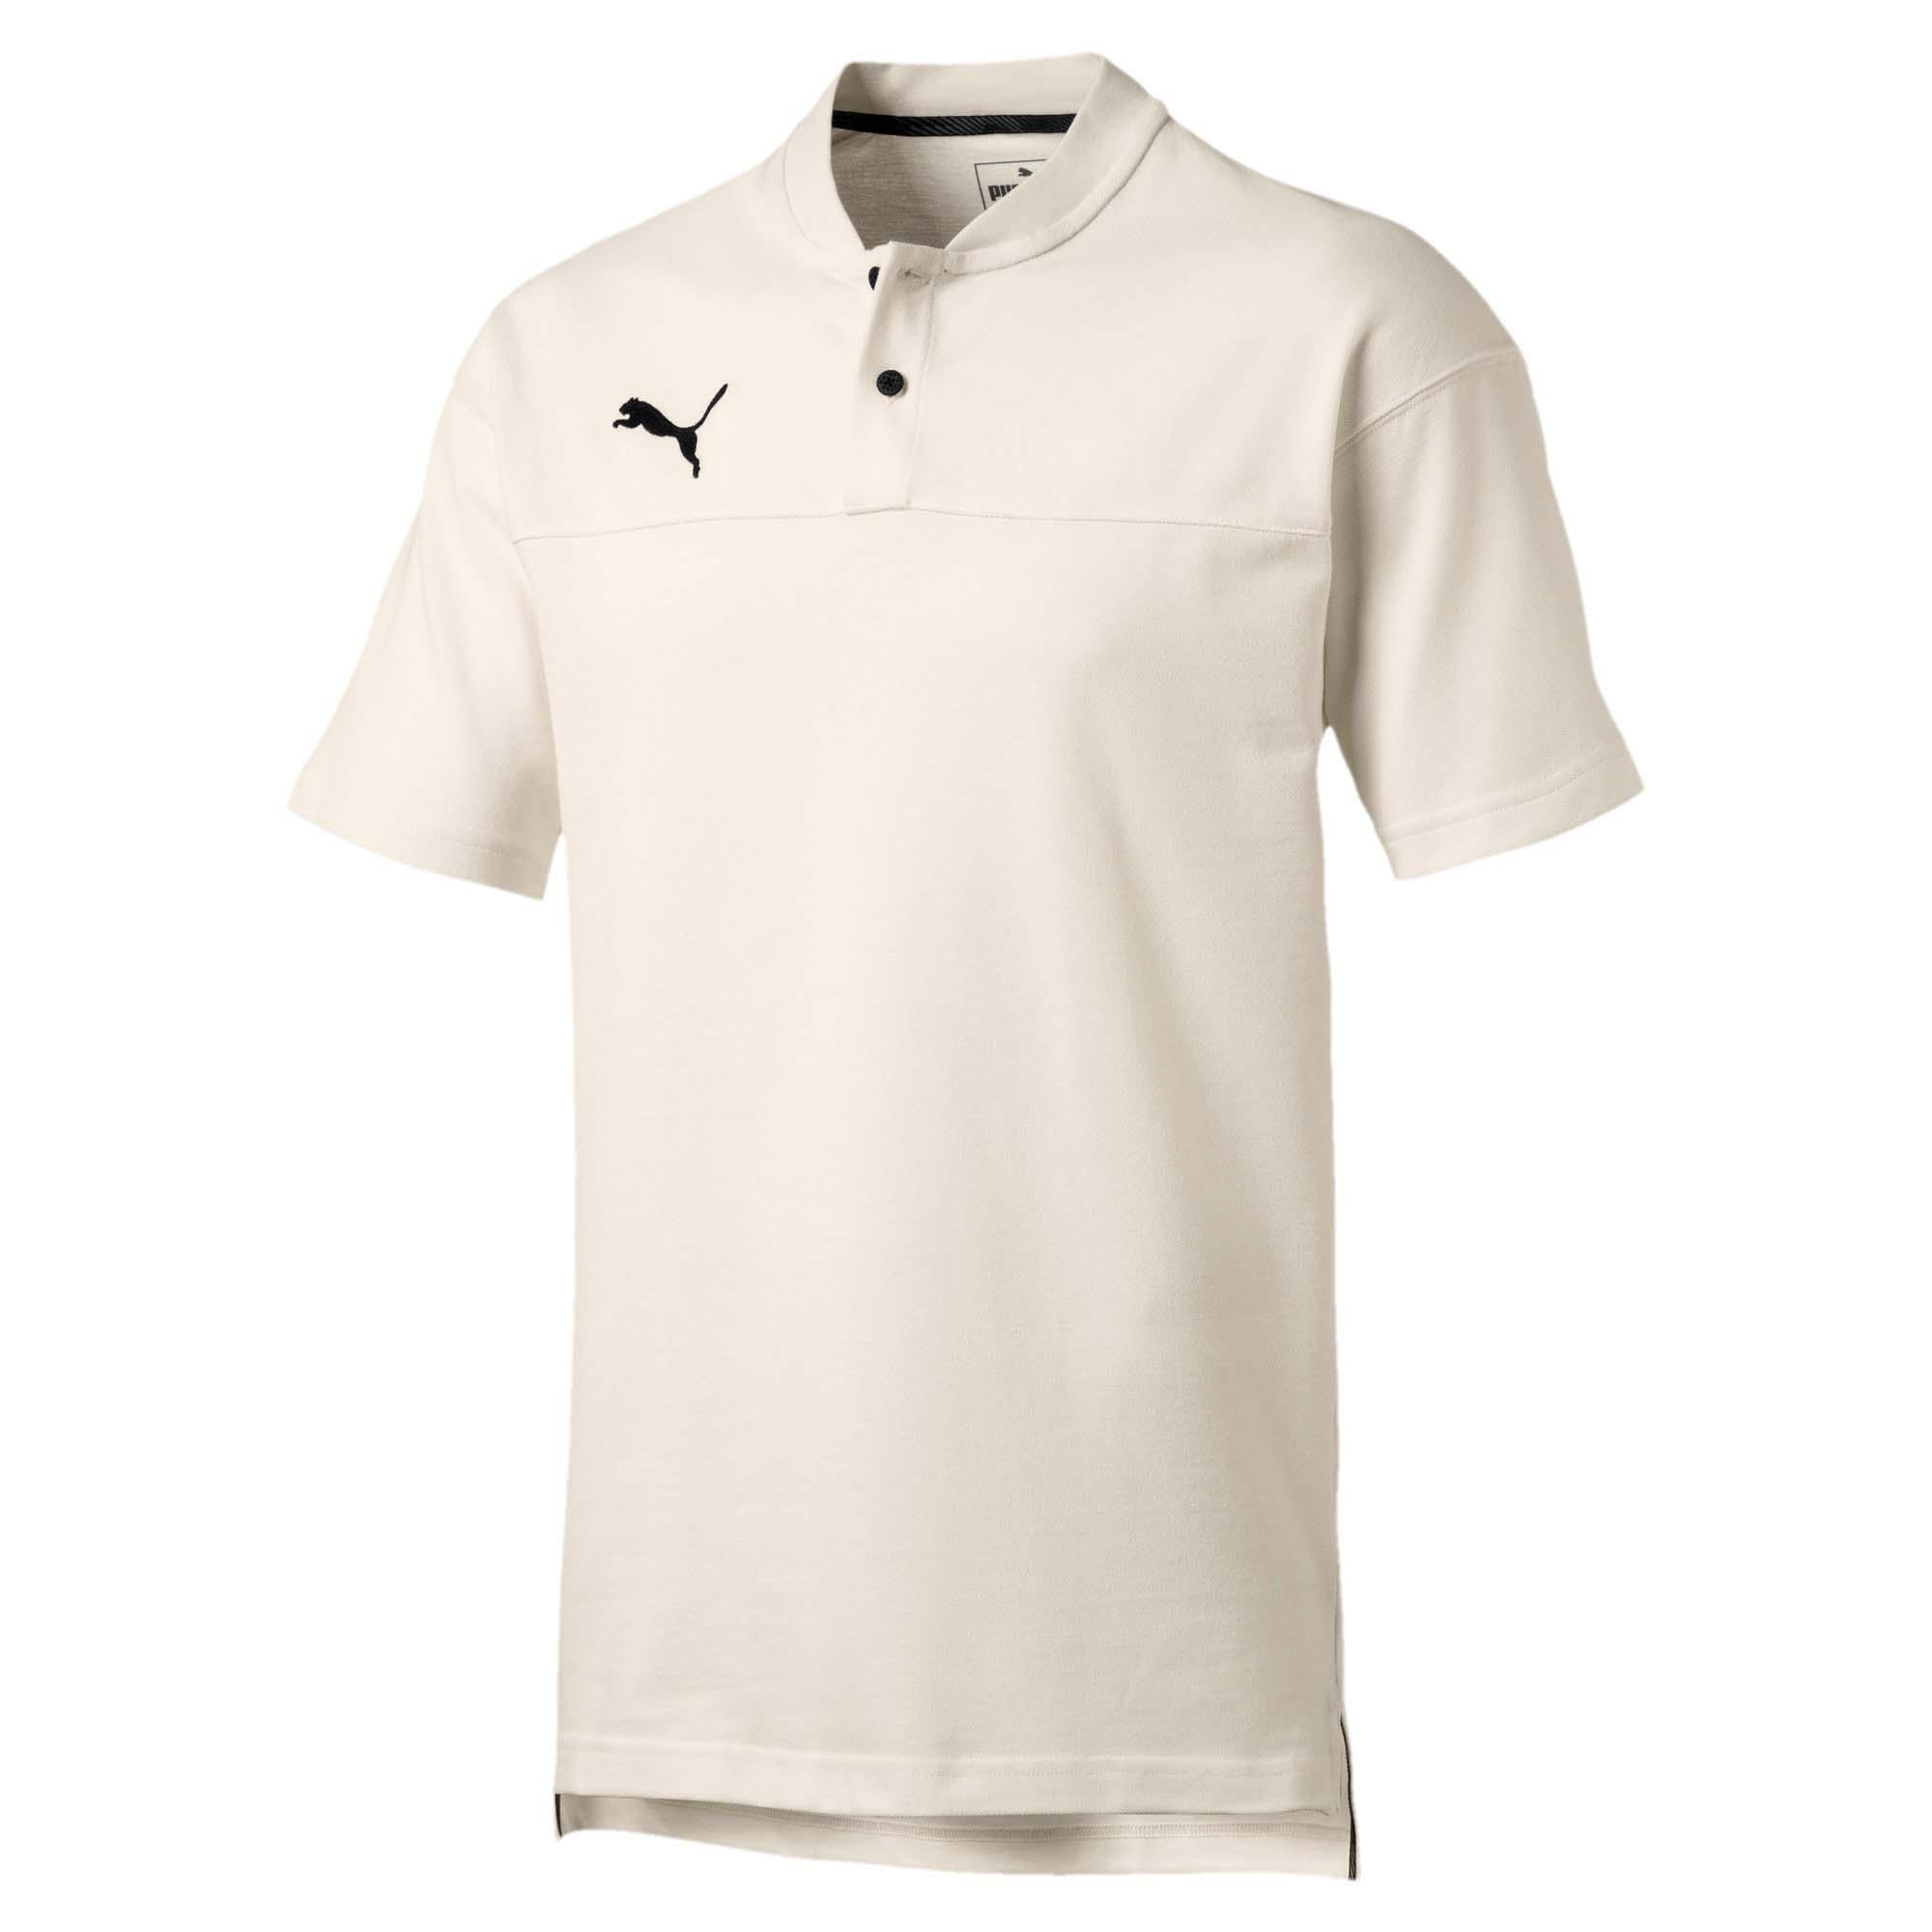 Puma Herren Poloshirt Cup Casual Polo 656036-04 L